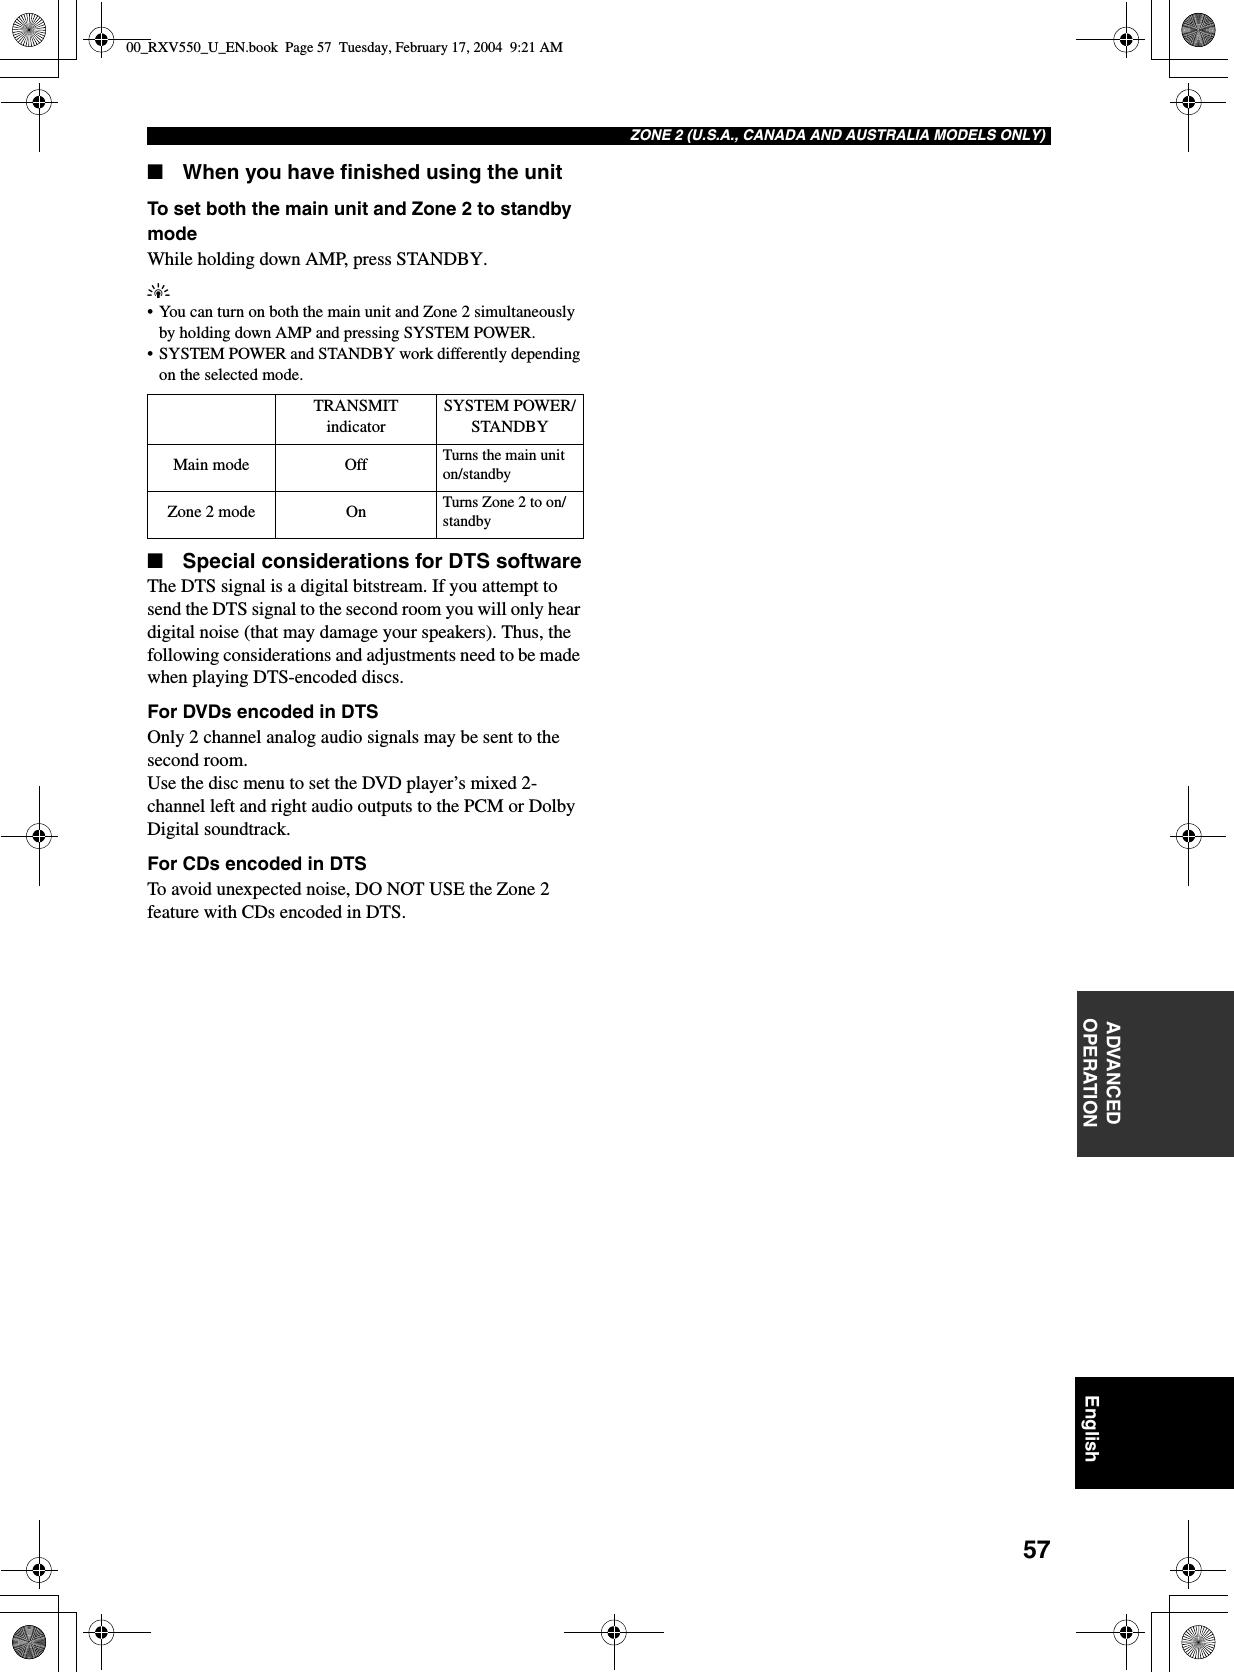 Yamaha 00_RXV550_U_EN RX V550 Owner's Manual E